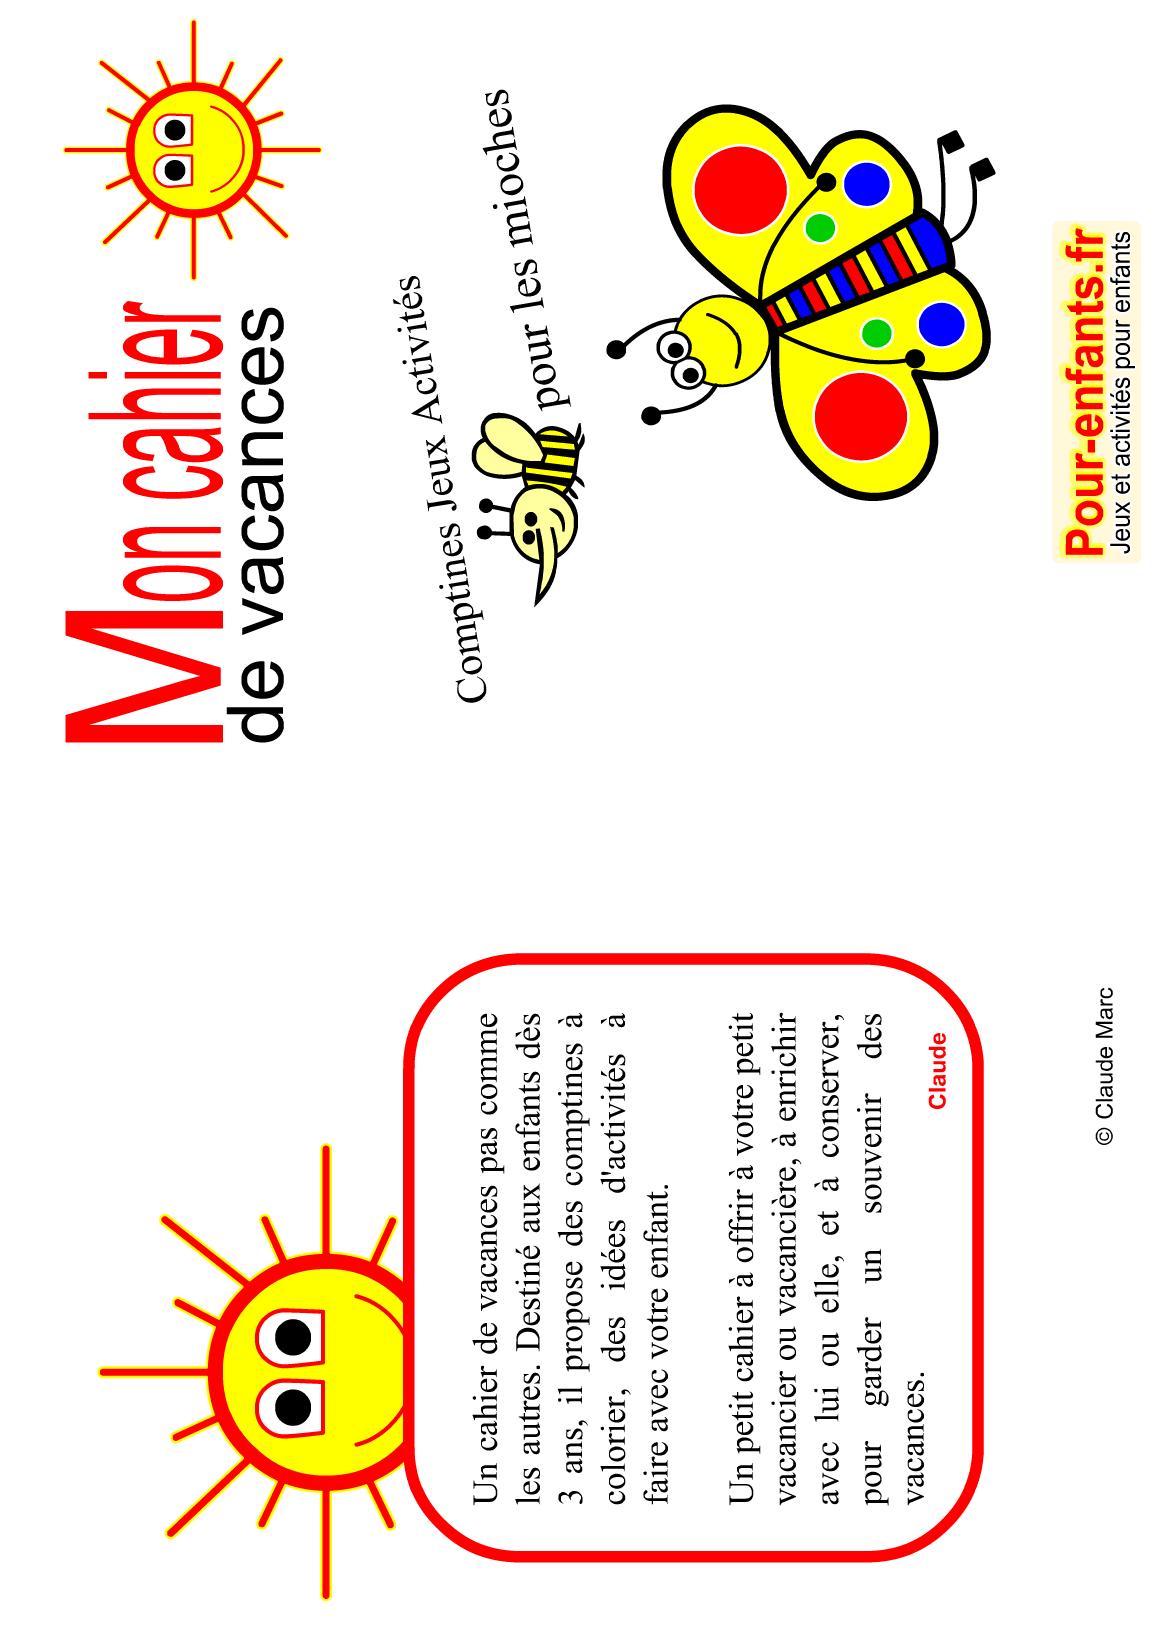 Cahier De Vacances Gratuit À Imprimer Maternelle Enfants tout Cahier De Vacances Maternelle Gratuit A Imprimer